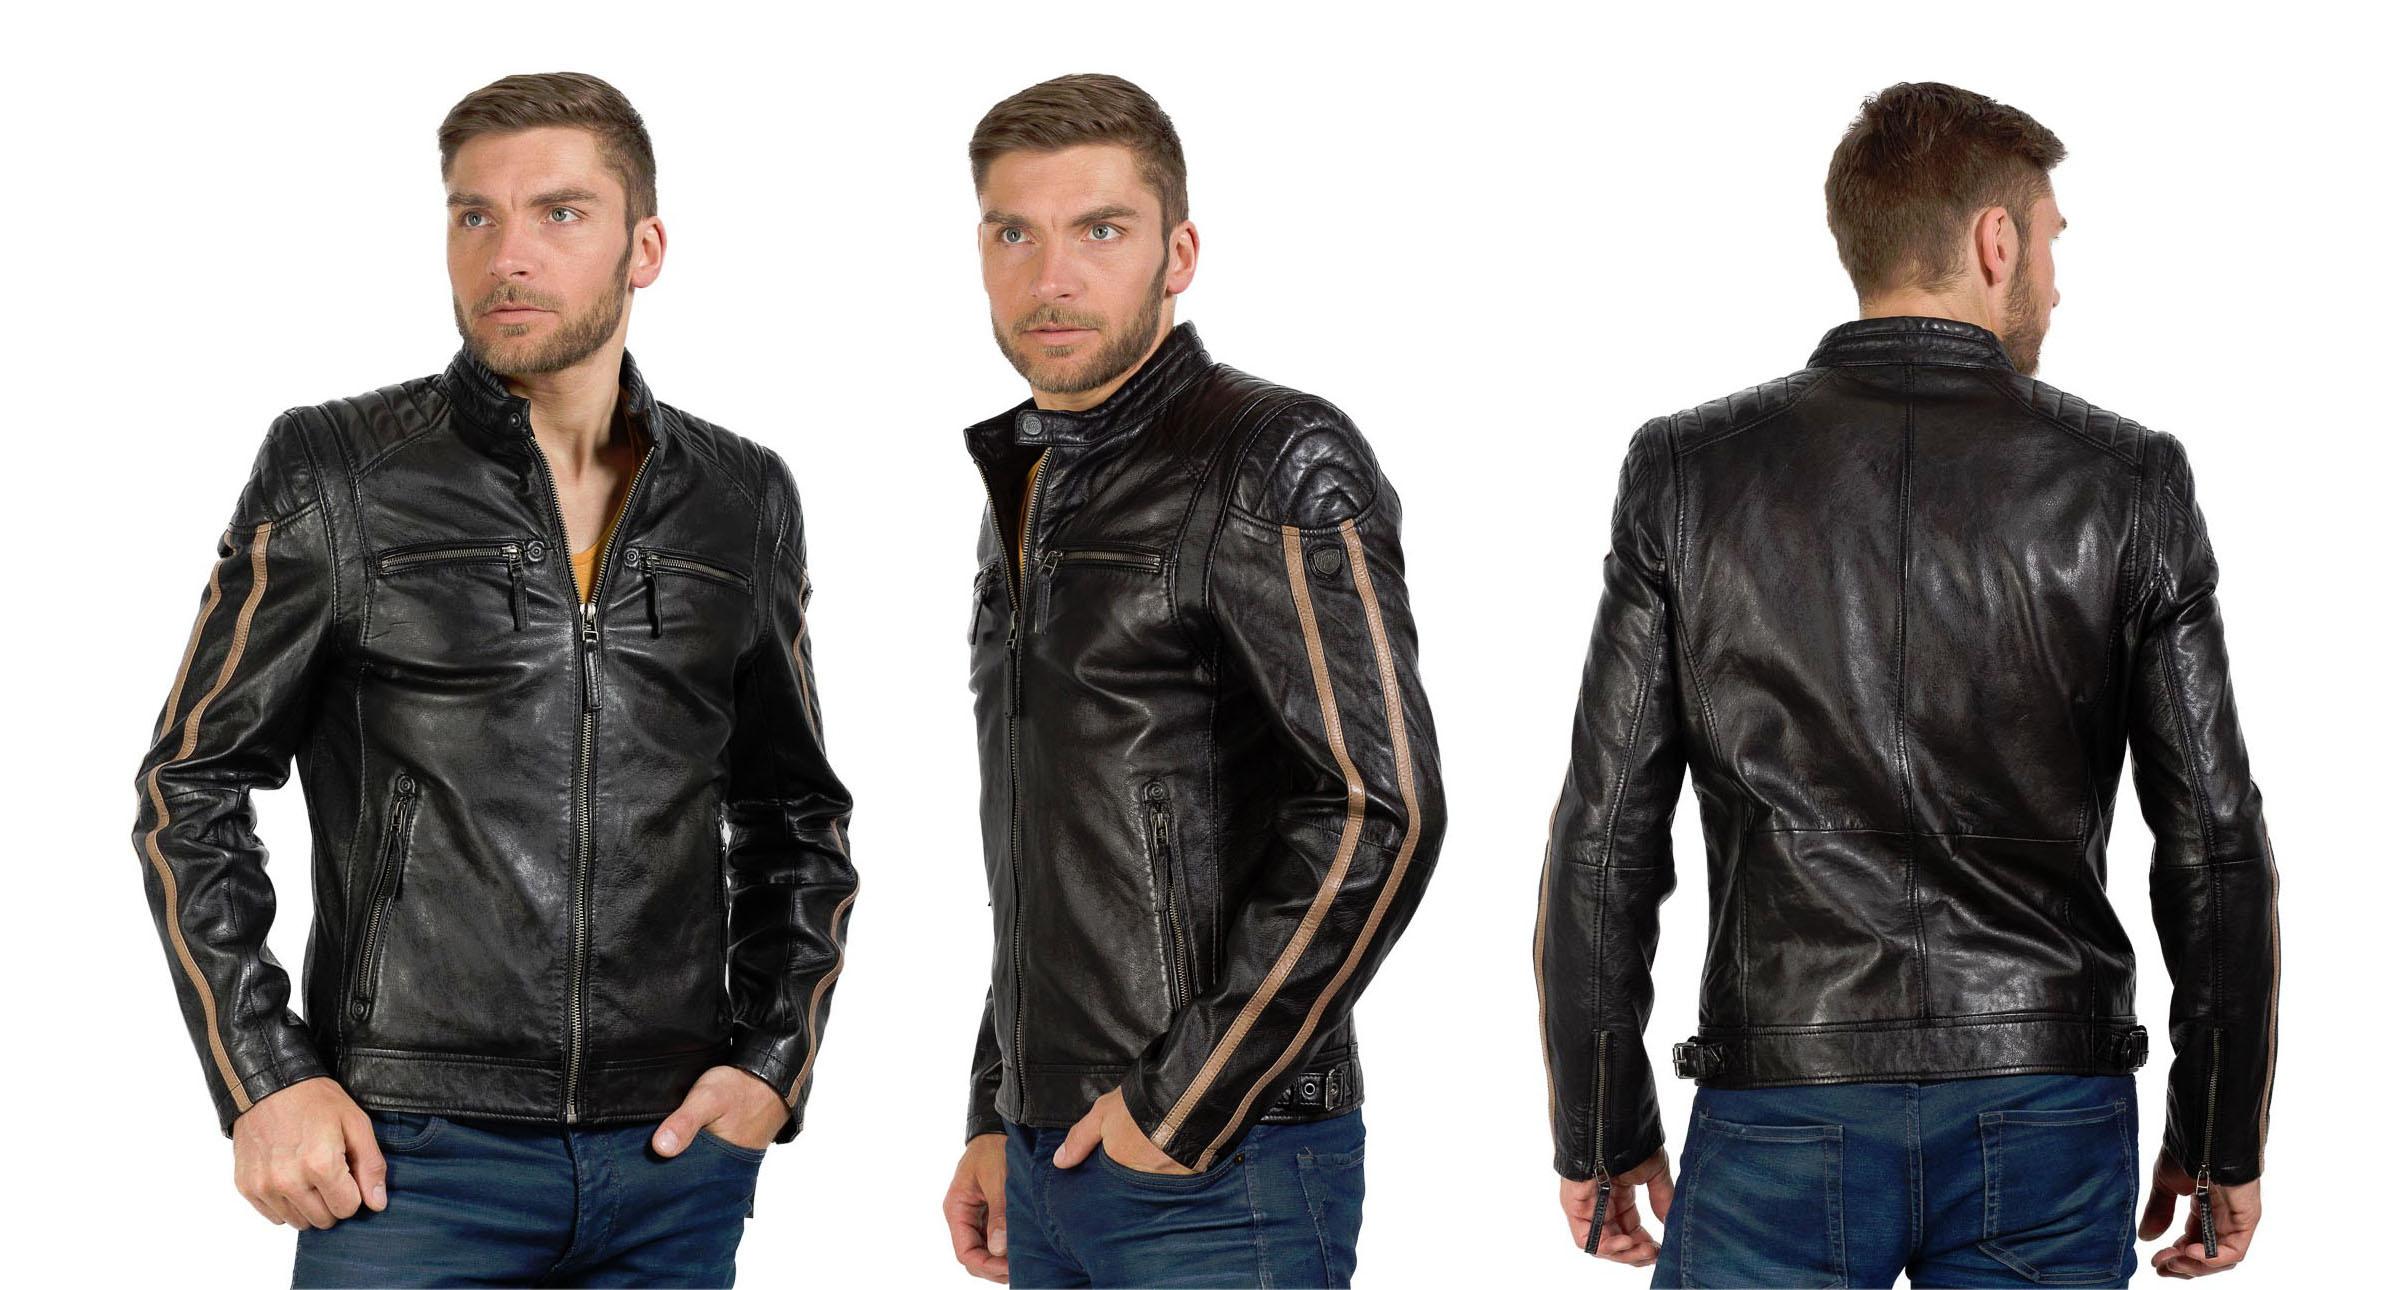 new style 8227f d82b3 Herren Lederjacken von Gipsy | Blog | Ledermode Wagner